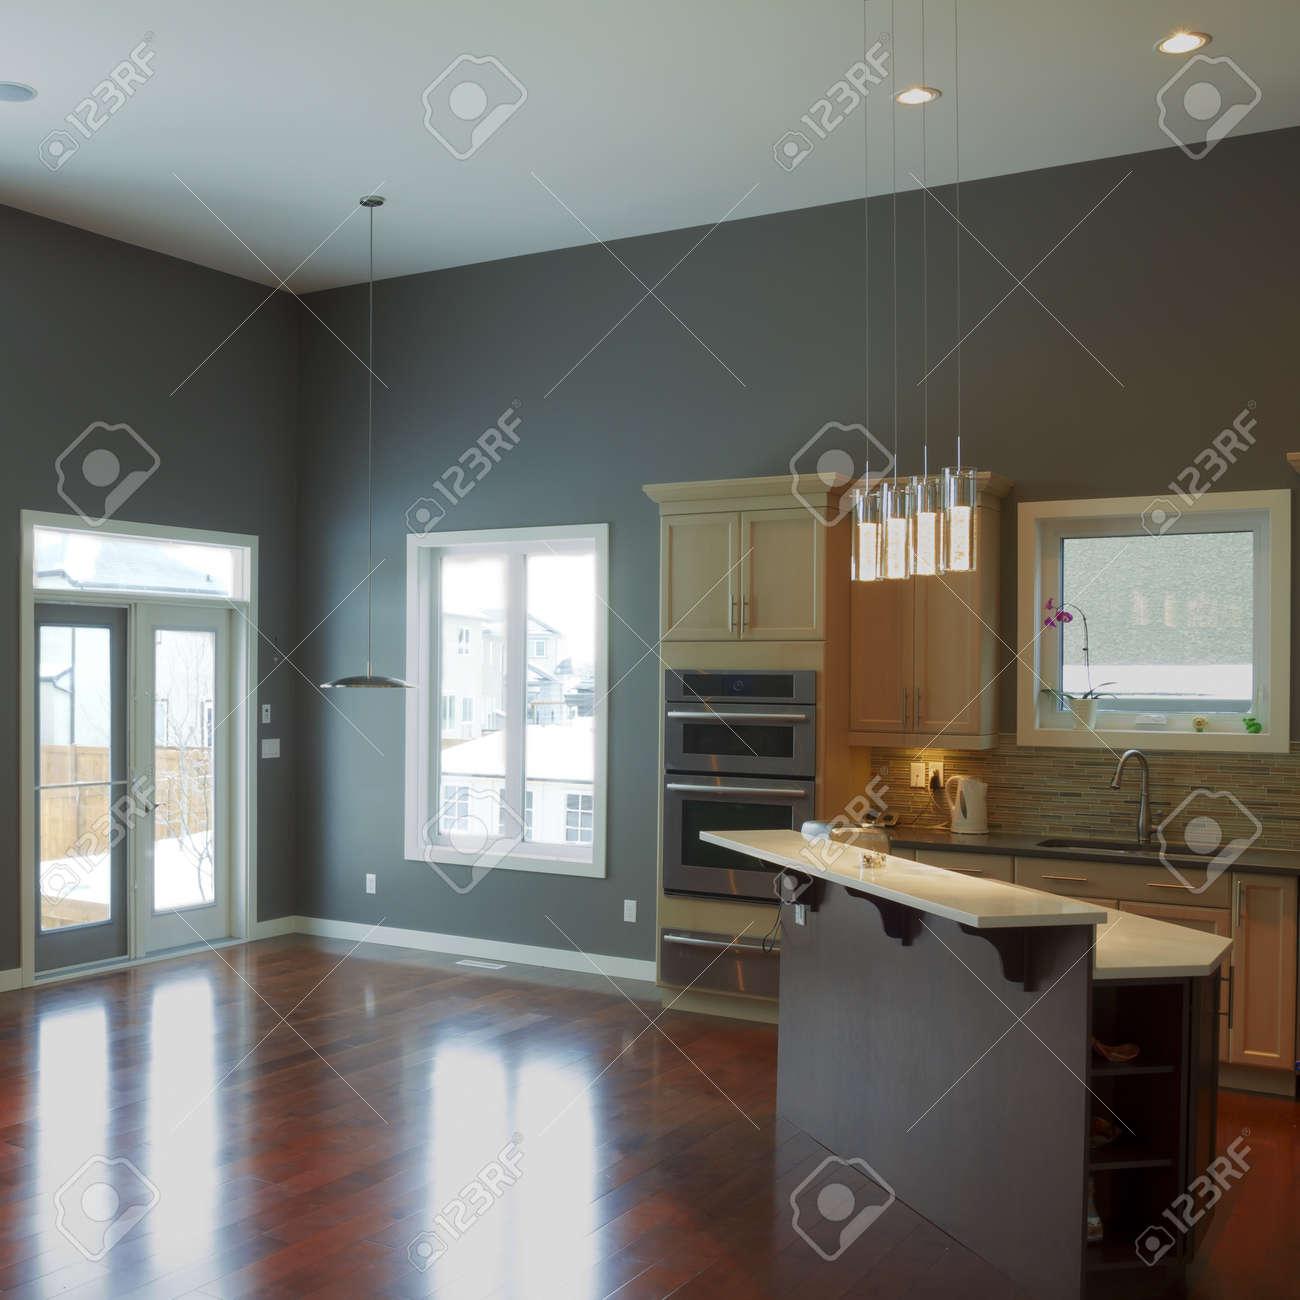 Interior Design Der Modernen Küche Und Wohnzimmer In Einem Neuen ...